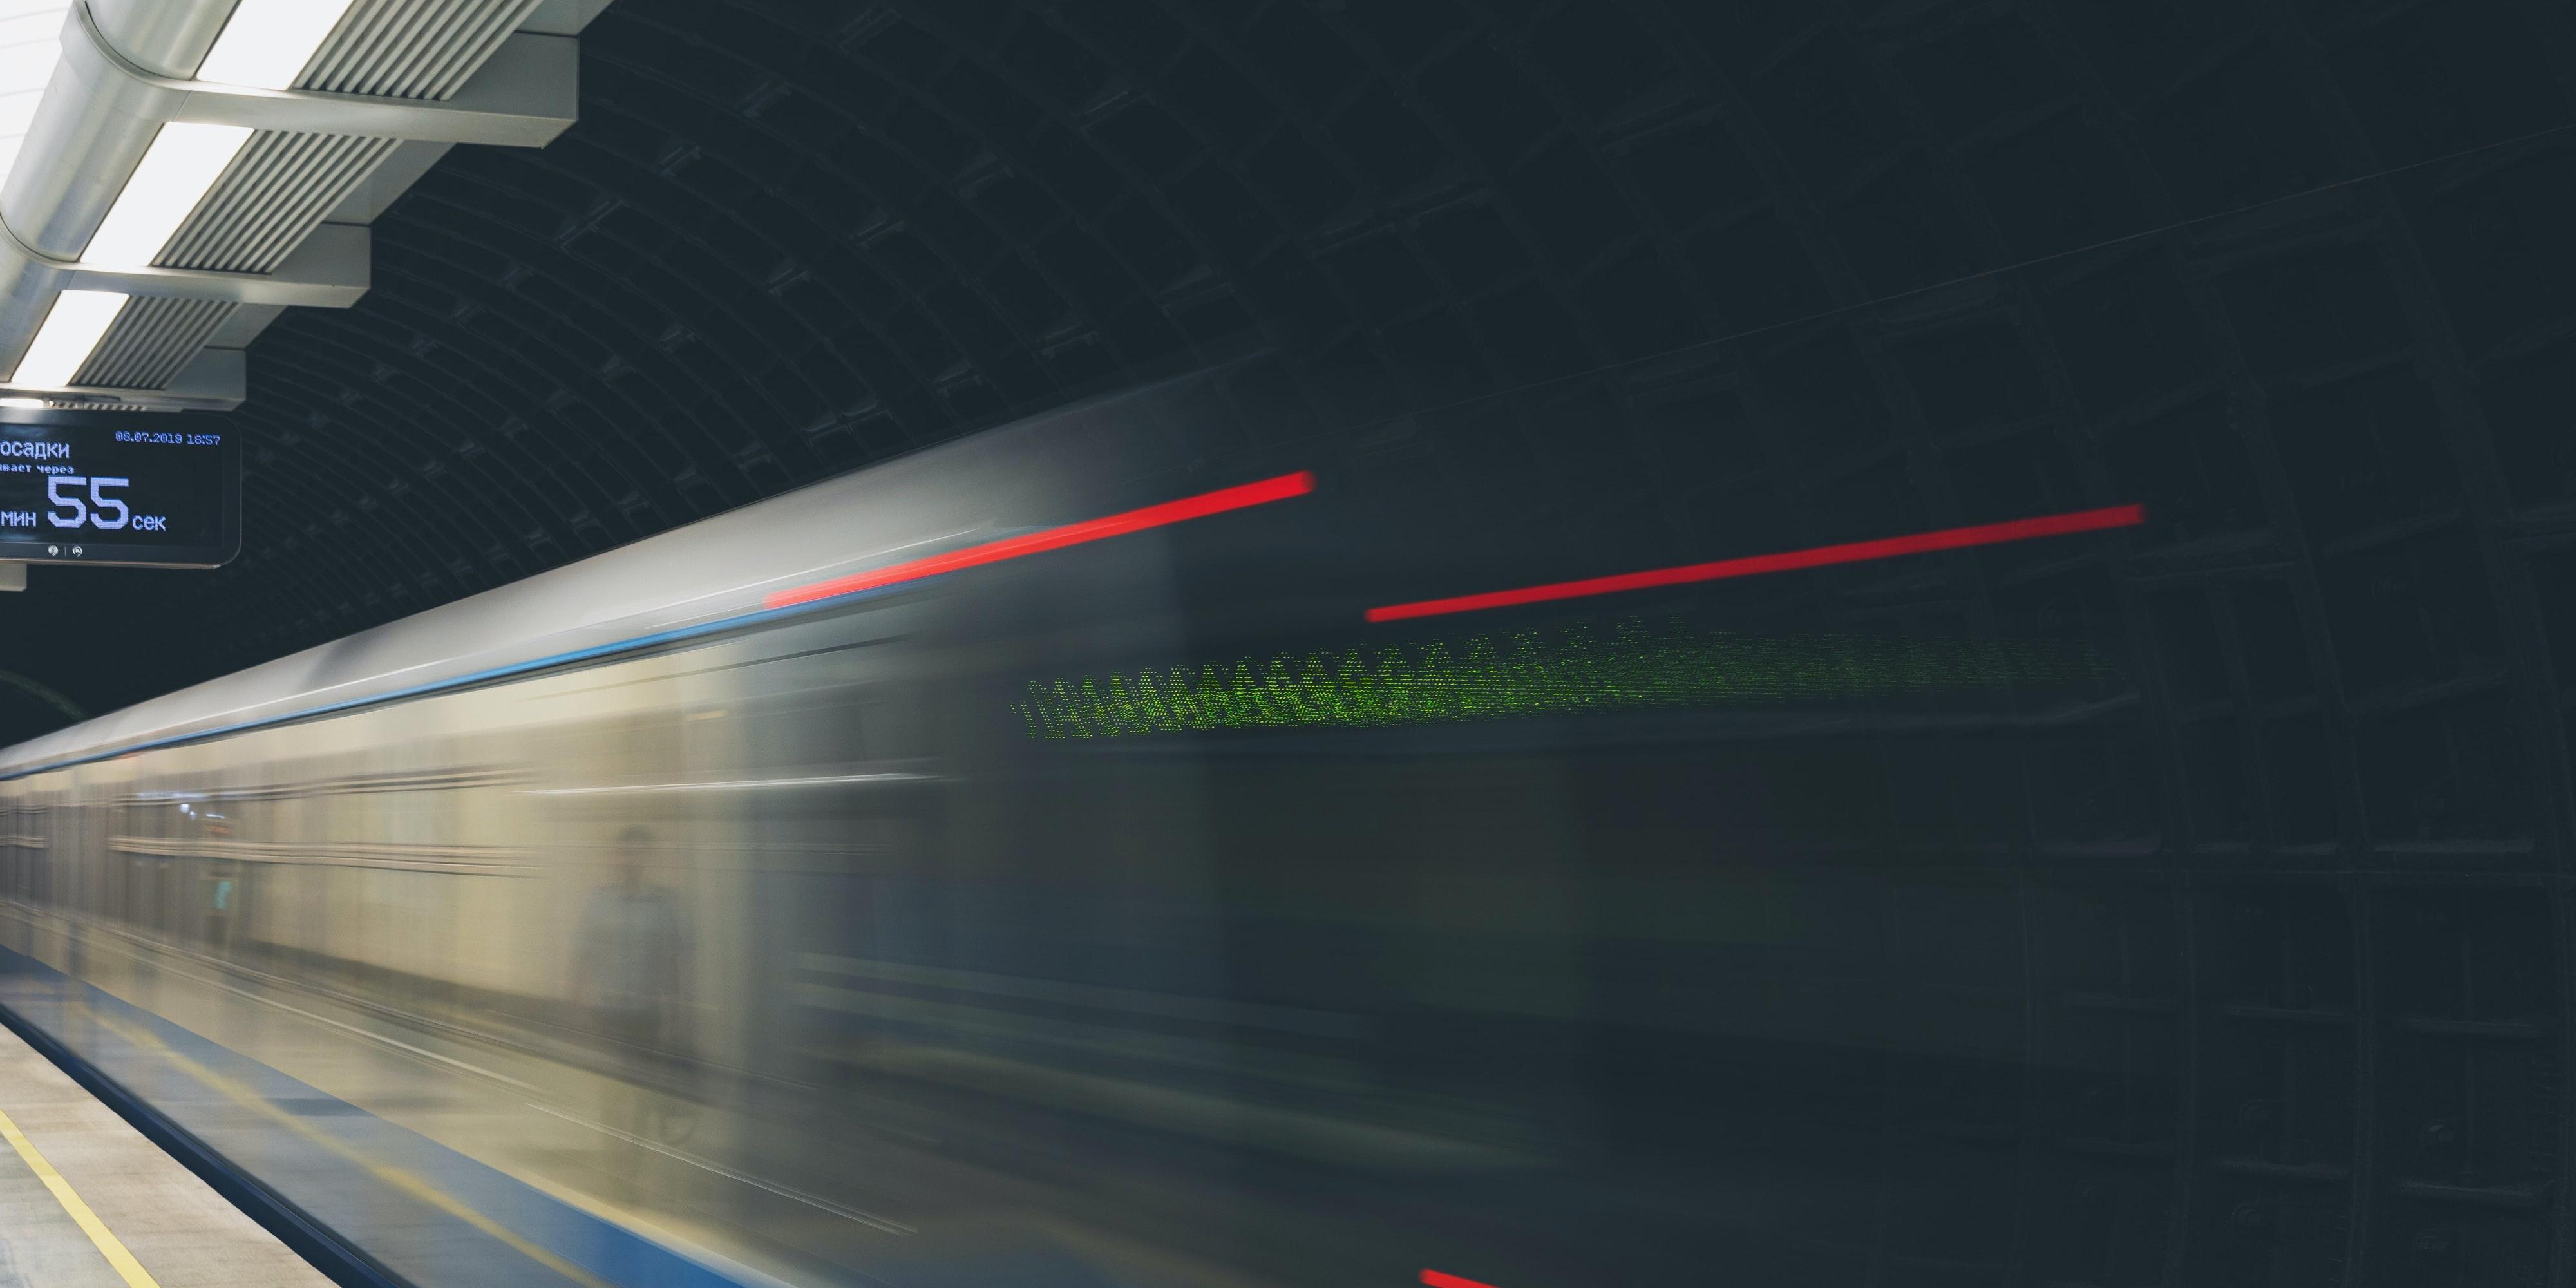 Билайн построил 5G-Ready сеть для быстрой связи на новом Восточном вокзале в Москве